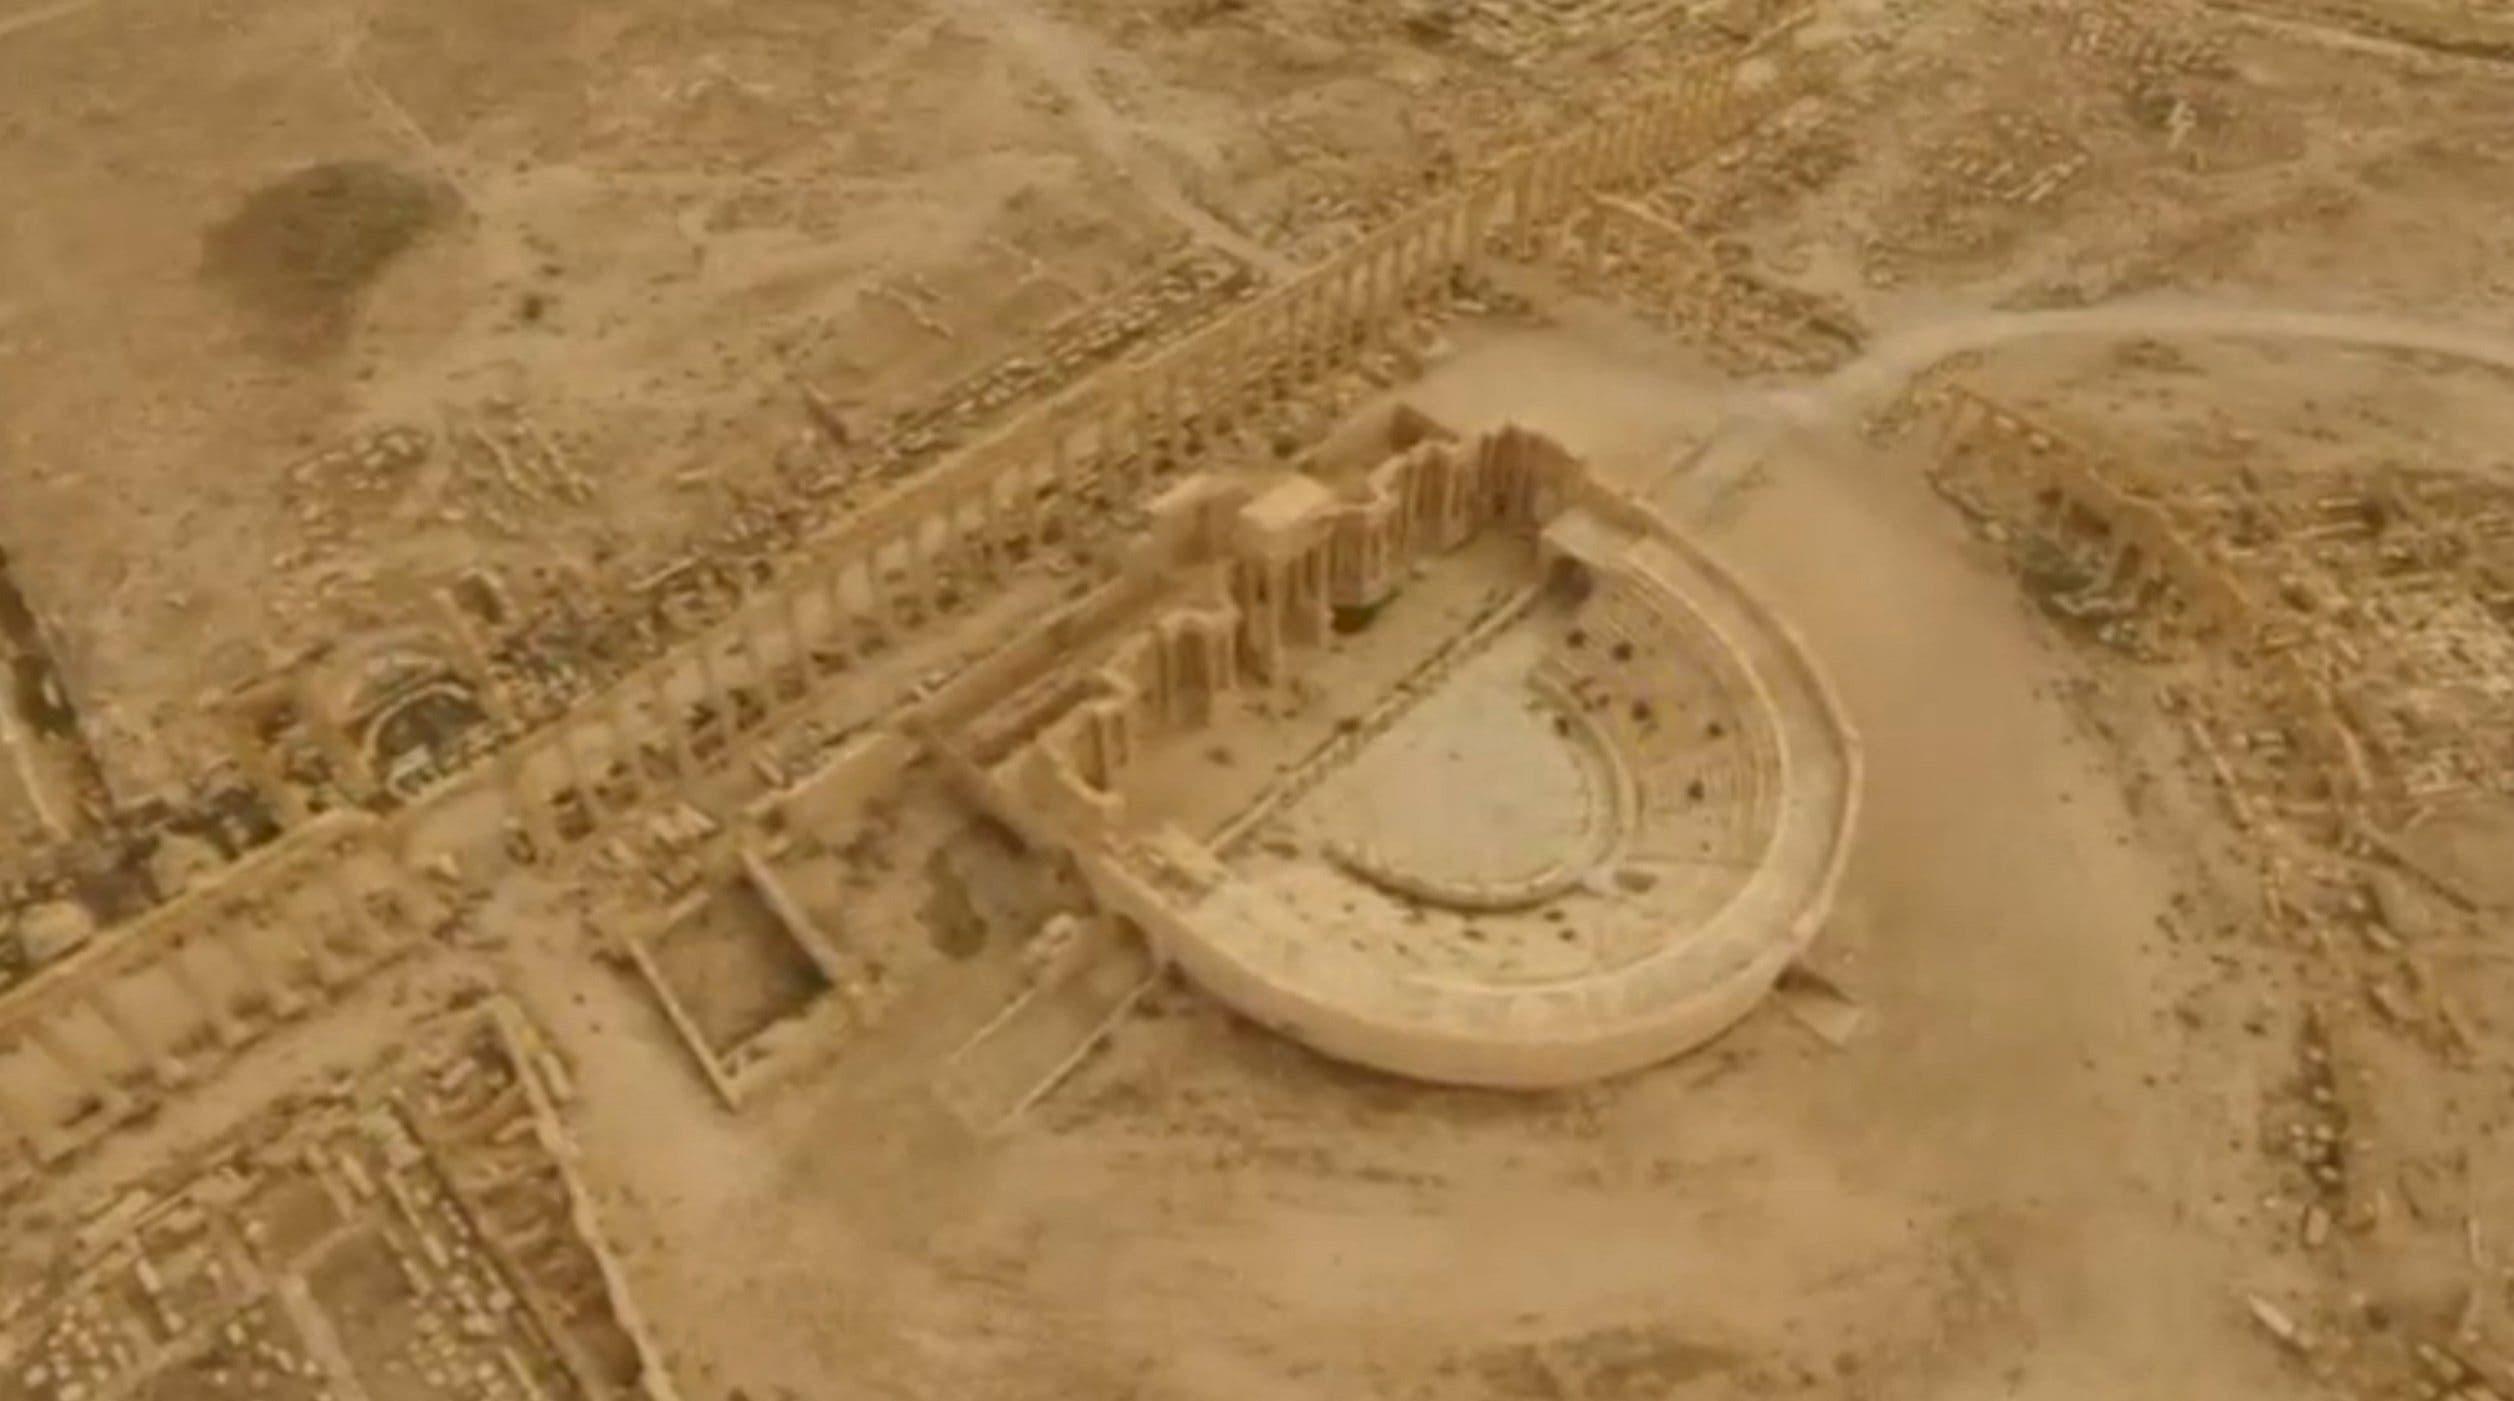 شهر تاریخی تدمر (پالمیرا) آثار تاریخی پر ارزشی را در بر میگیرد که داعش بخشی از آن را ویران کرد